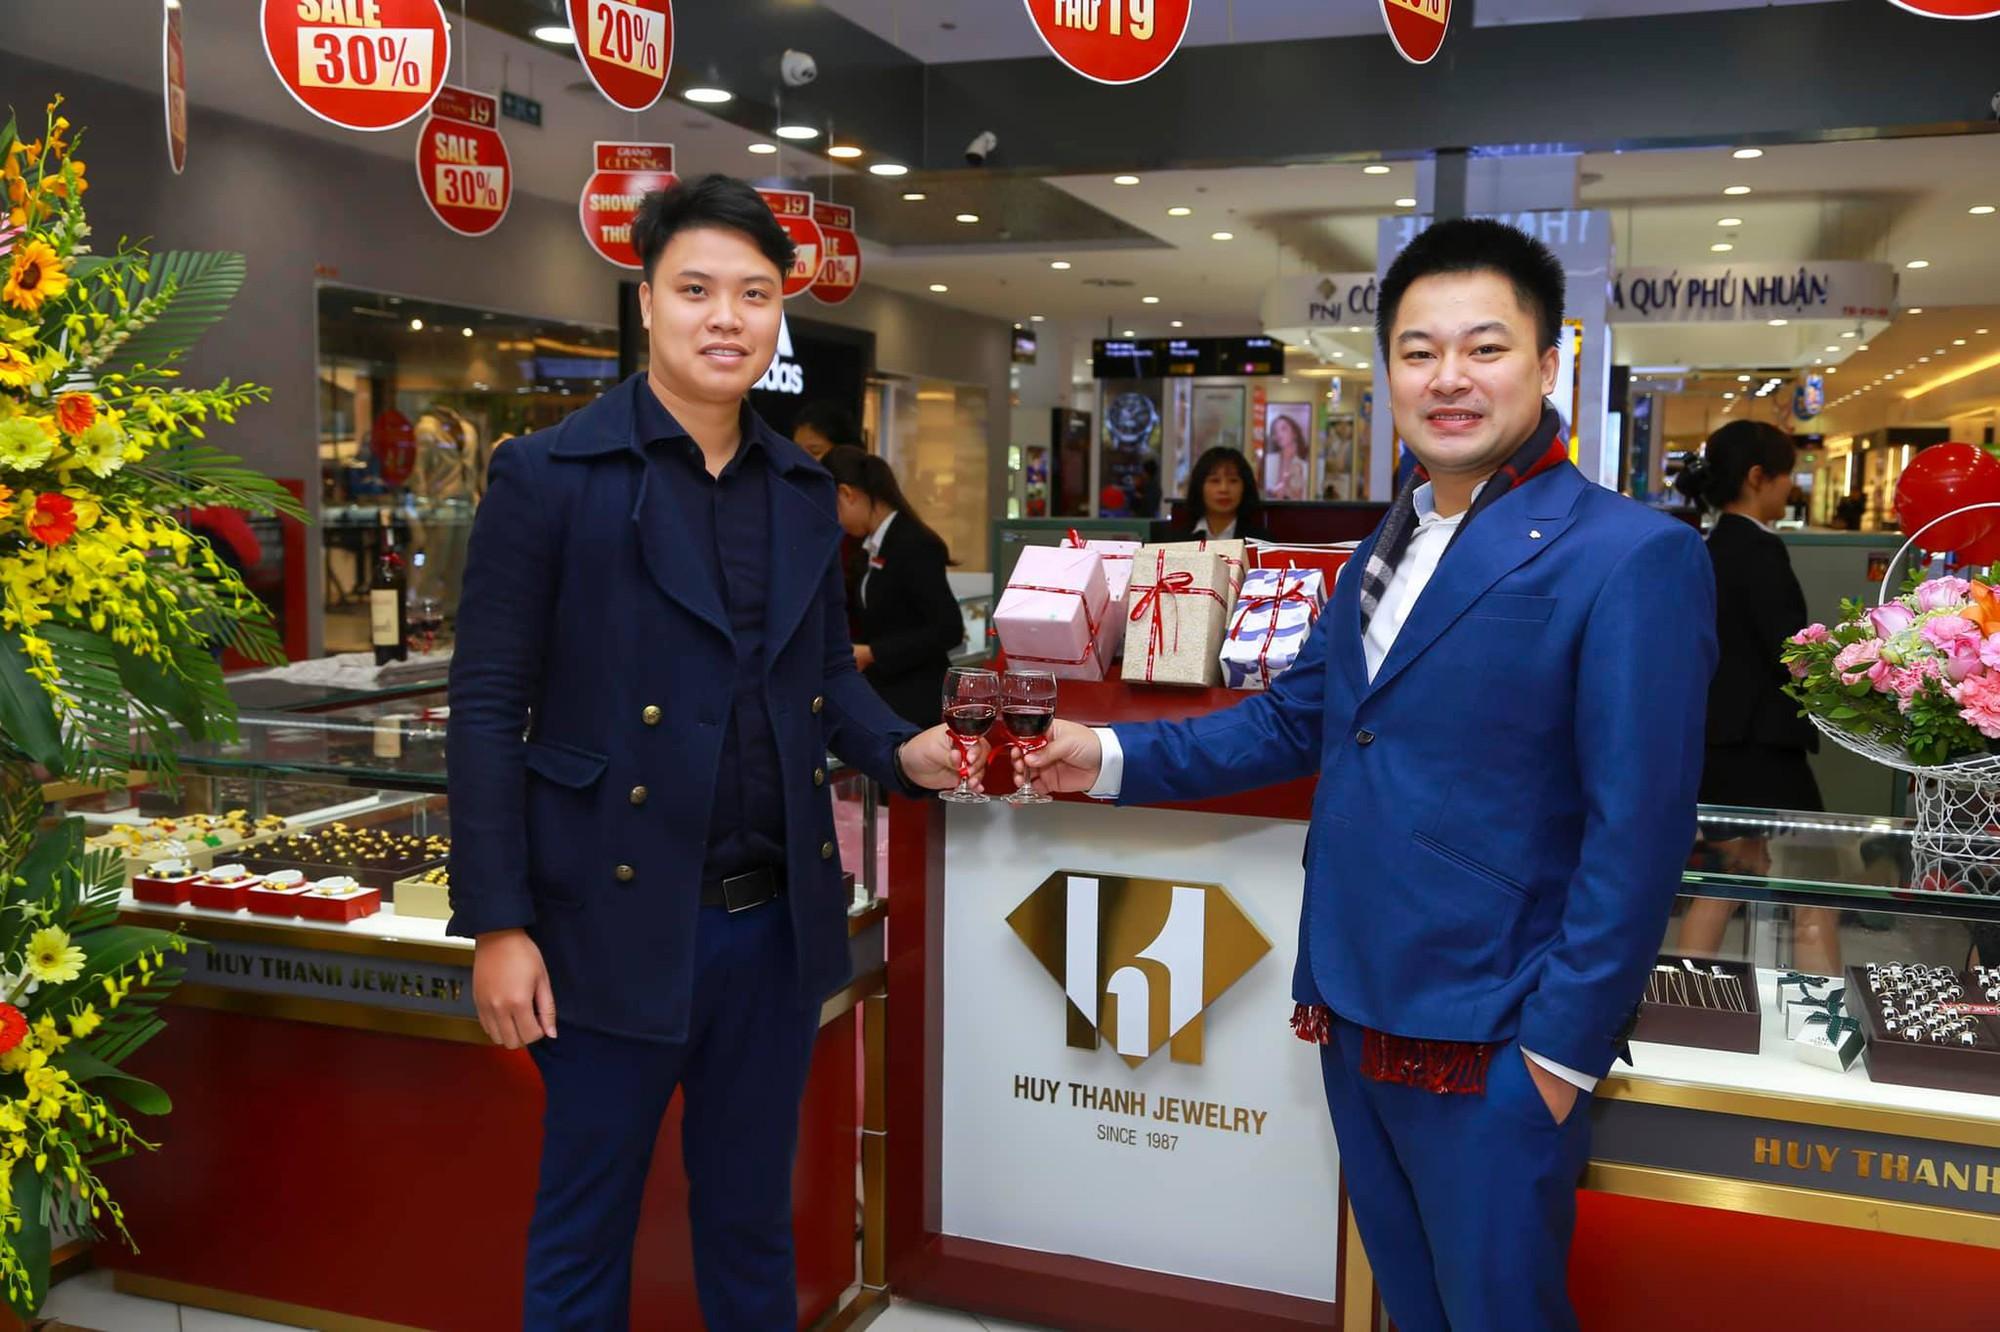 Báo Kênh 14 Đưa Tin Huy Thanh Khai Trương Showroom 19 tại Times City